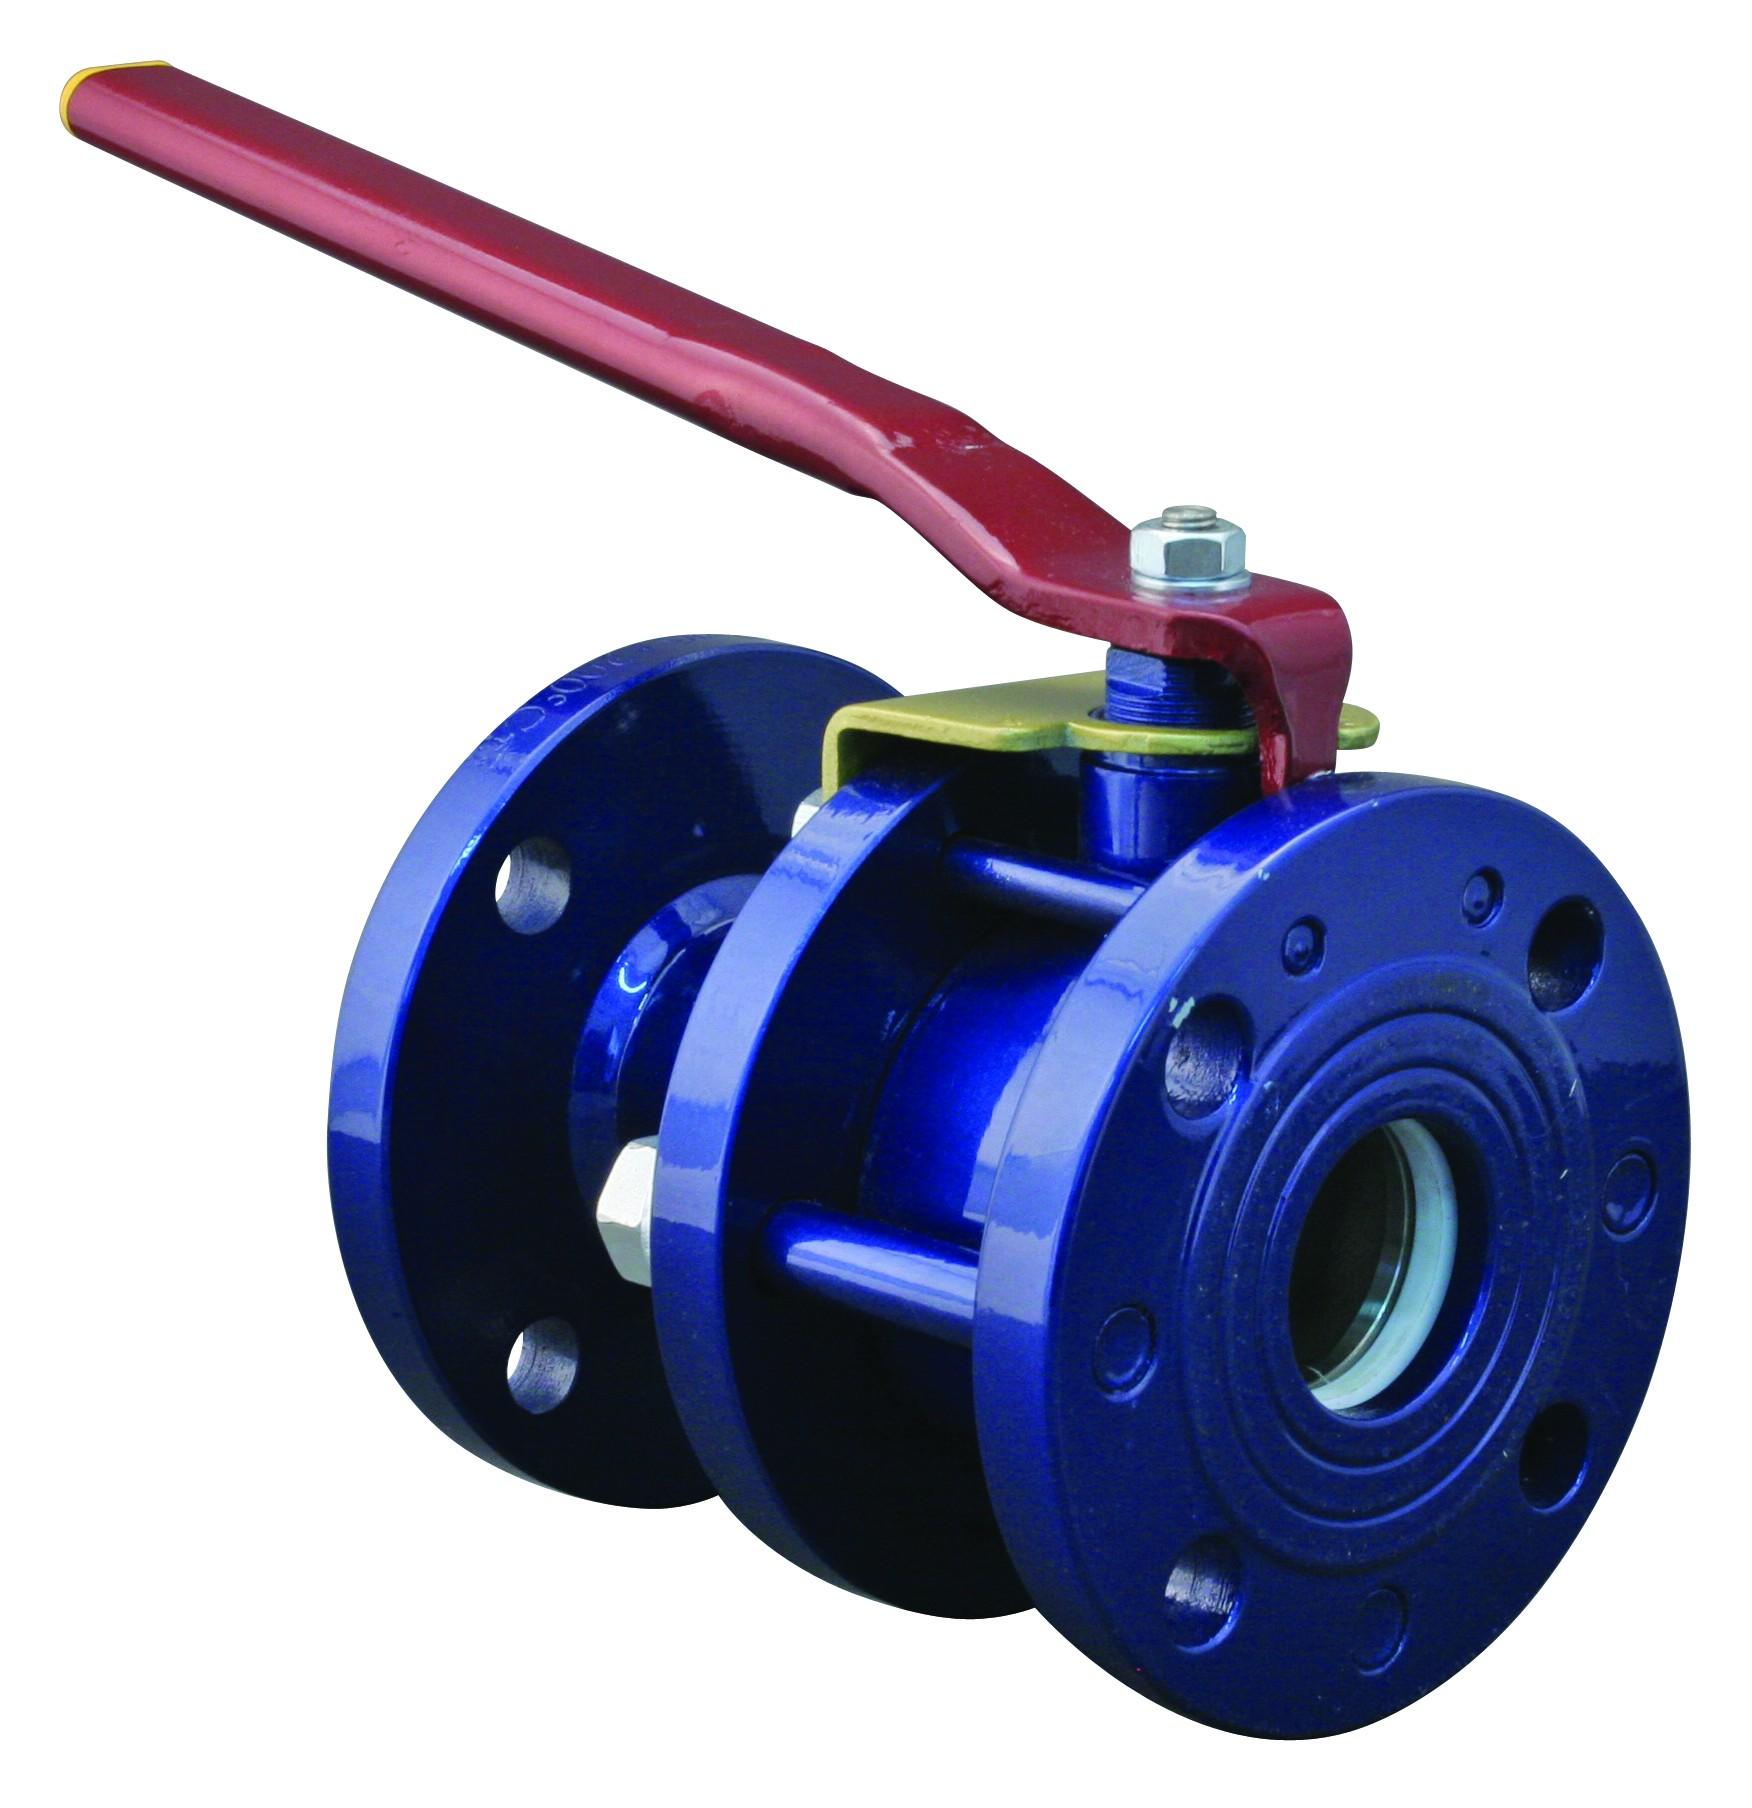 Кран Ду 200 шаровой фланцевый стандартный сталь д/газа, Ру1,6мПа, Т 100 град.С